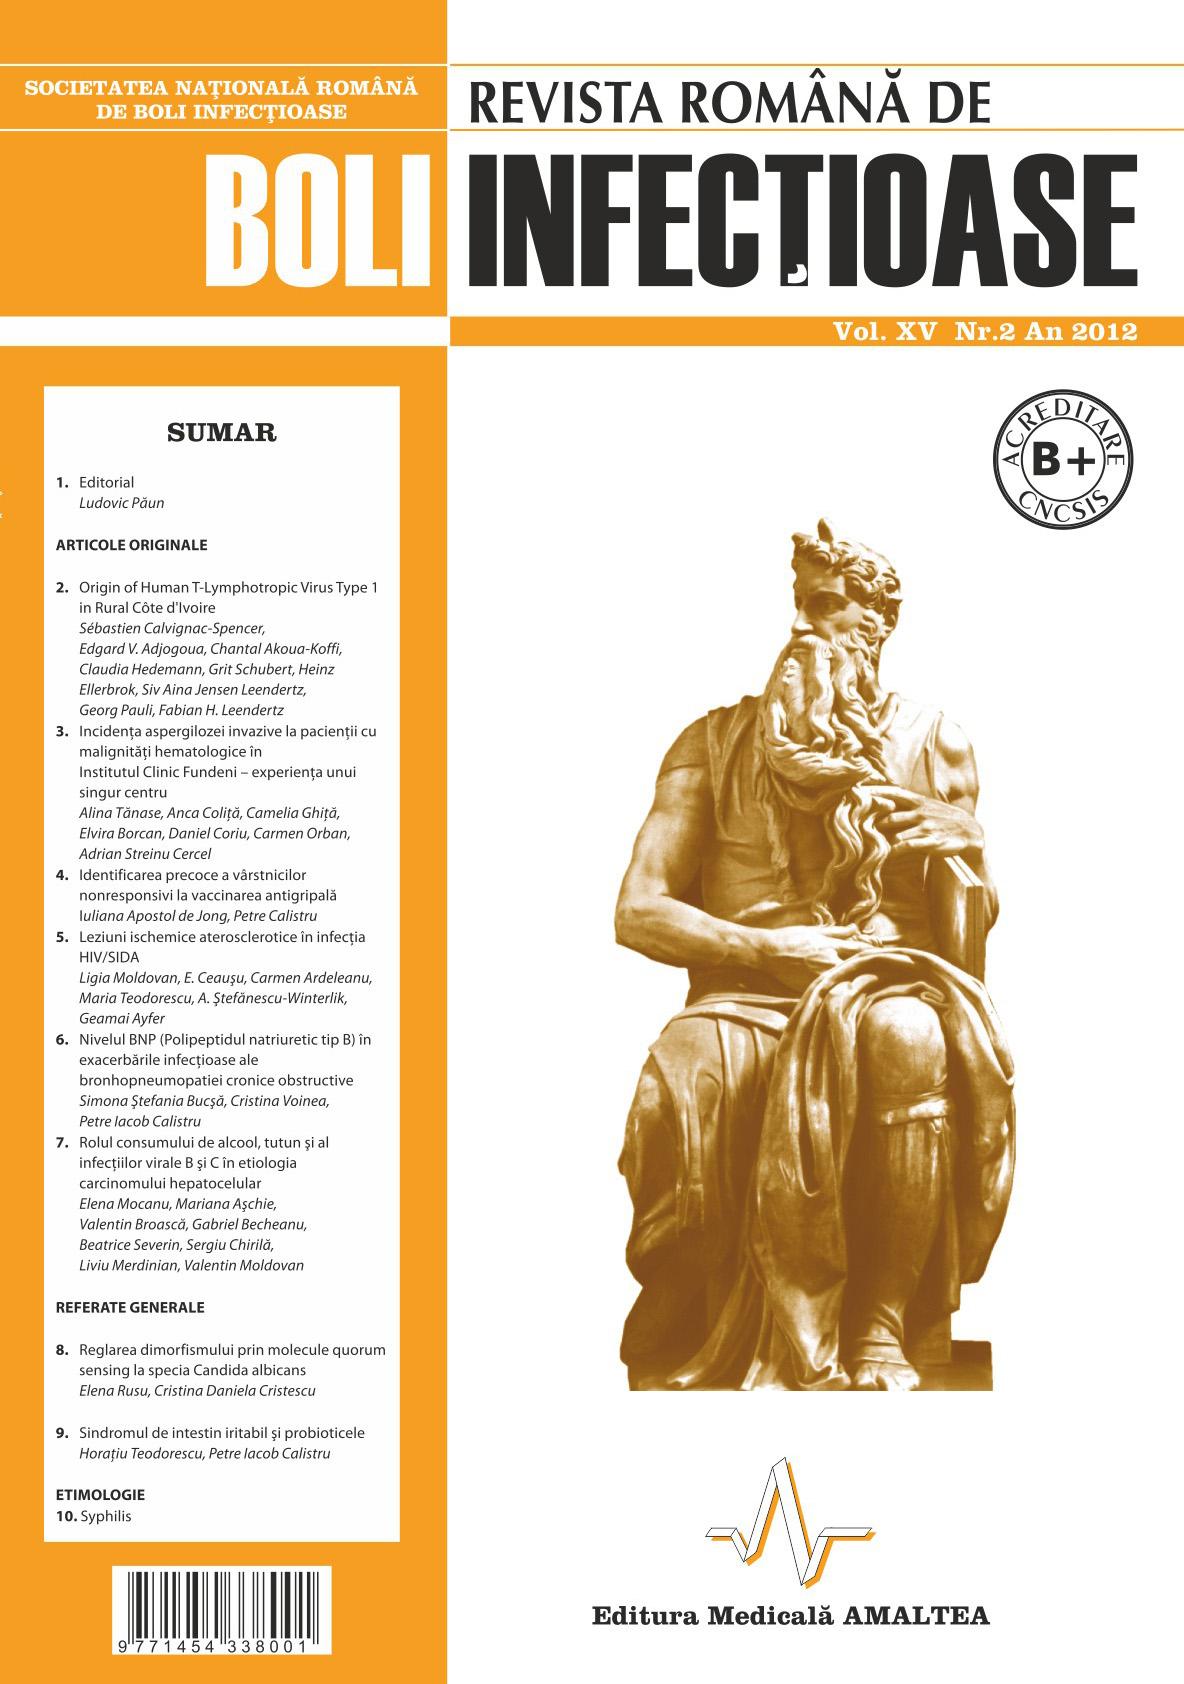 Revista Romana de Boli Infectioase | Vol. XV, No. 2, 2012